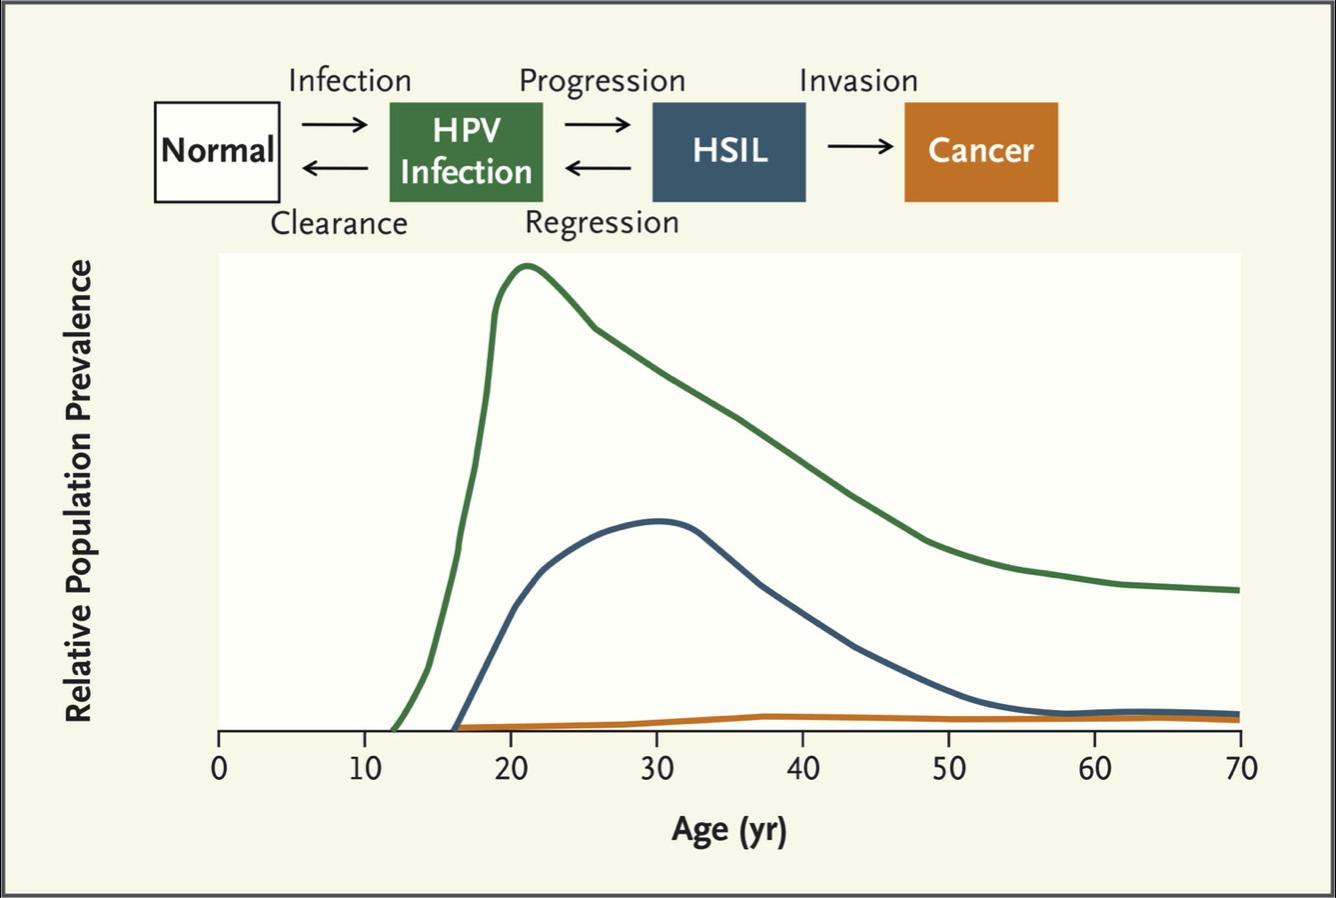 human papillomavirus infection level